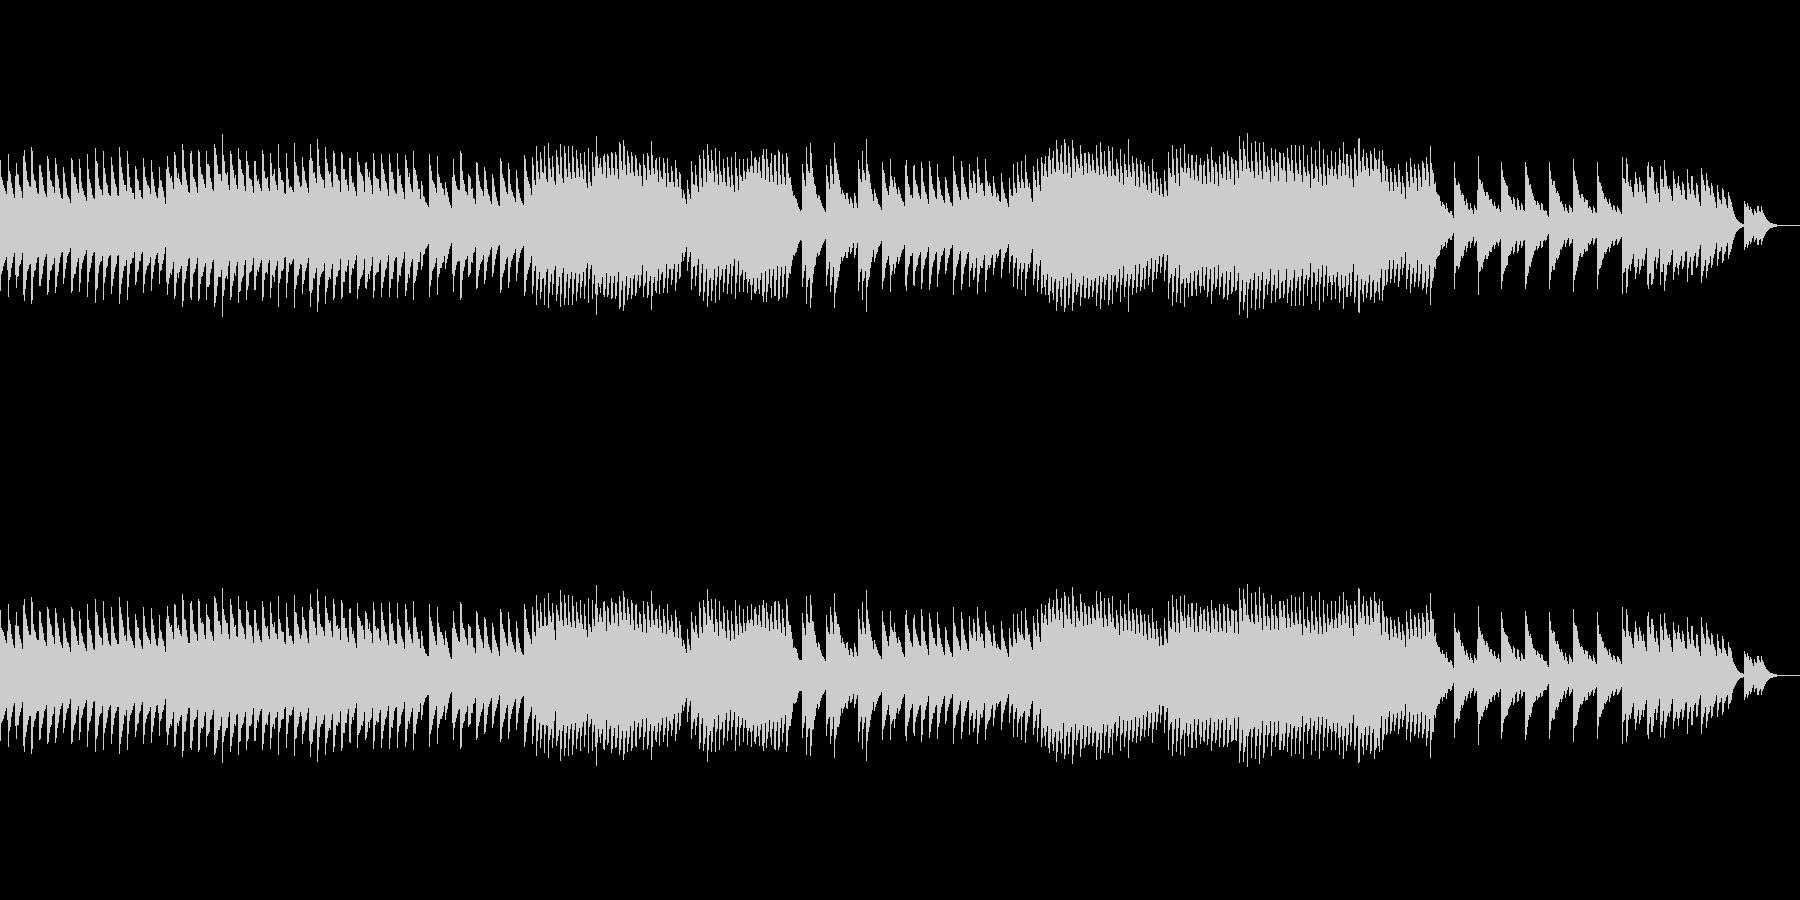 オルゴールの悲しい曲、エンディング風の未再生の波形